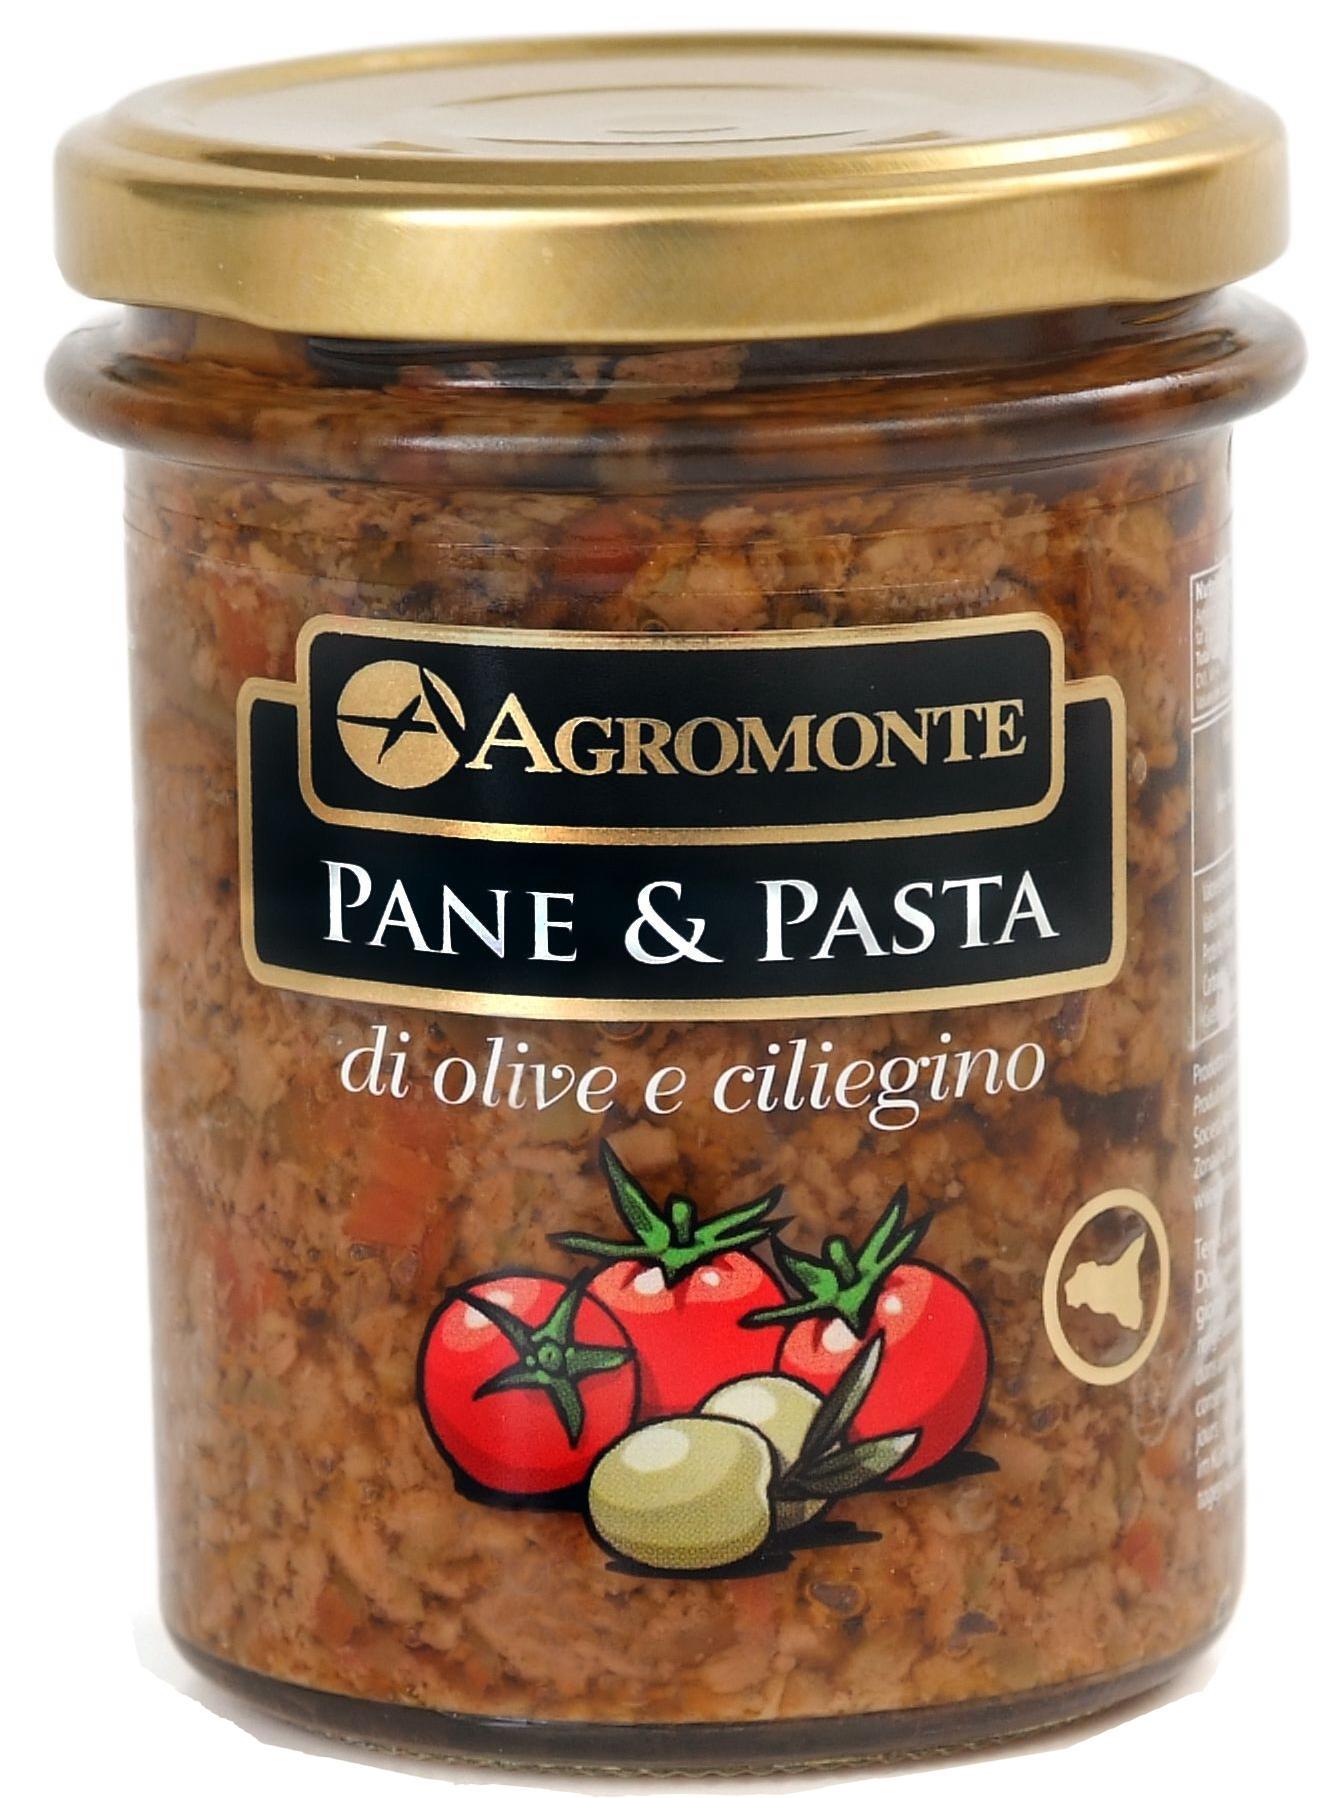 Agromonte Pane & Pasta di Olive e Ciliegino